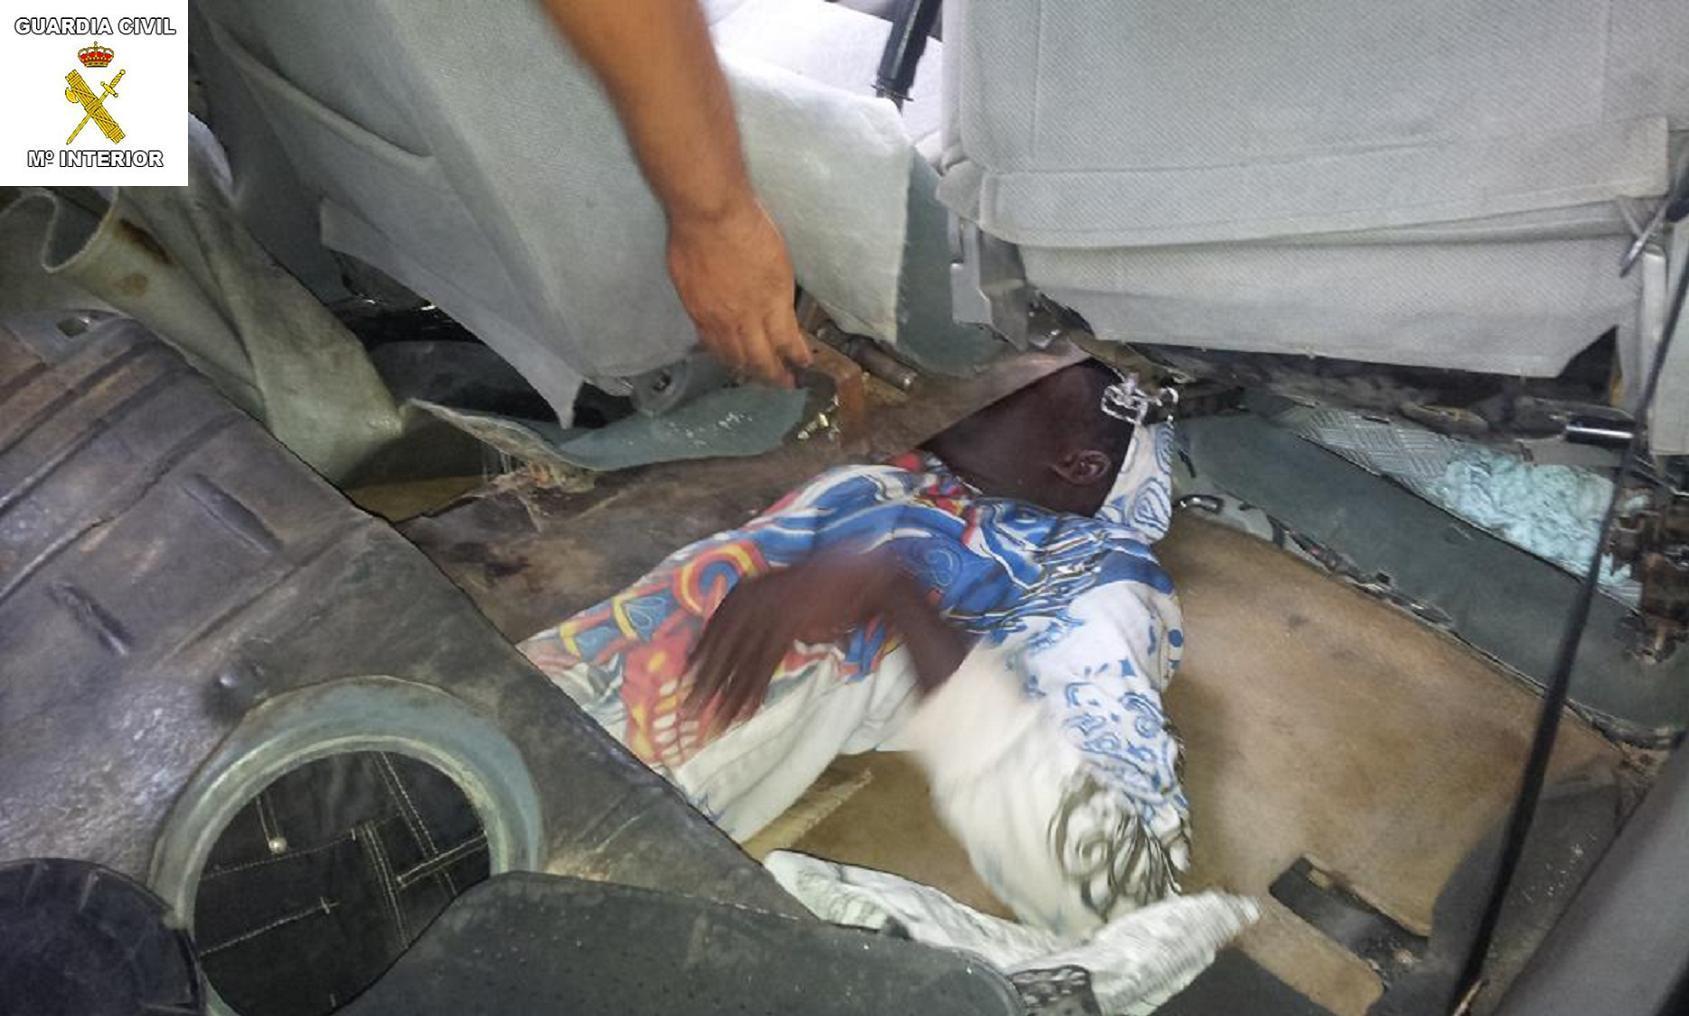 La Guardia Civil intercepta otros dos vehículos que llevaban ocultos en dobles fondos a cuatro inmigrantes